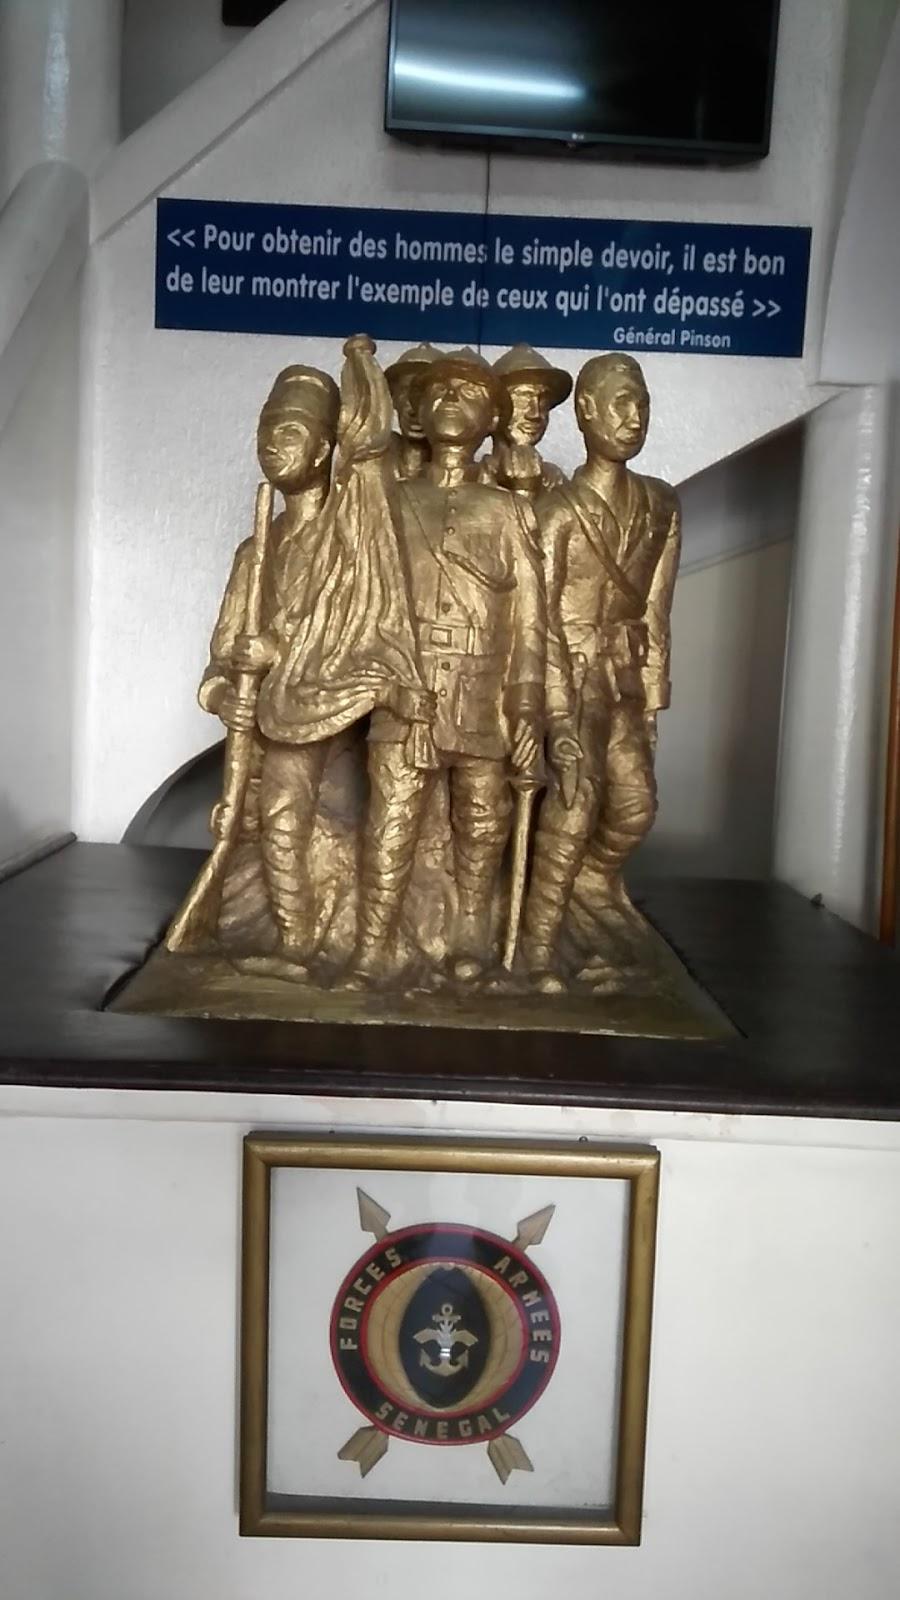 Musée des Forces Armées Senegalaise